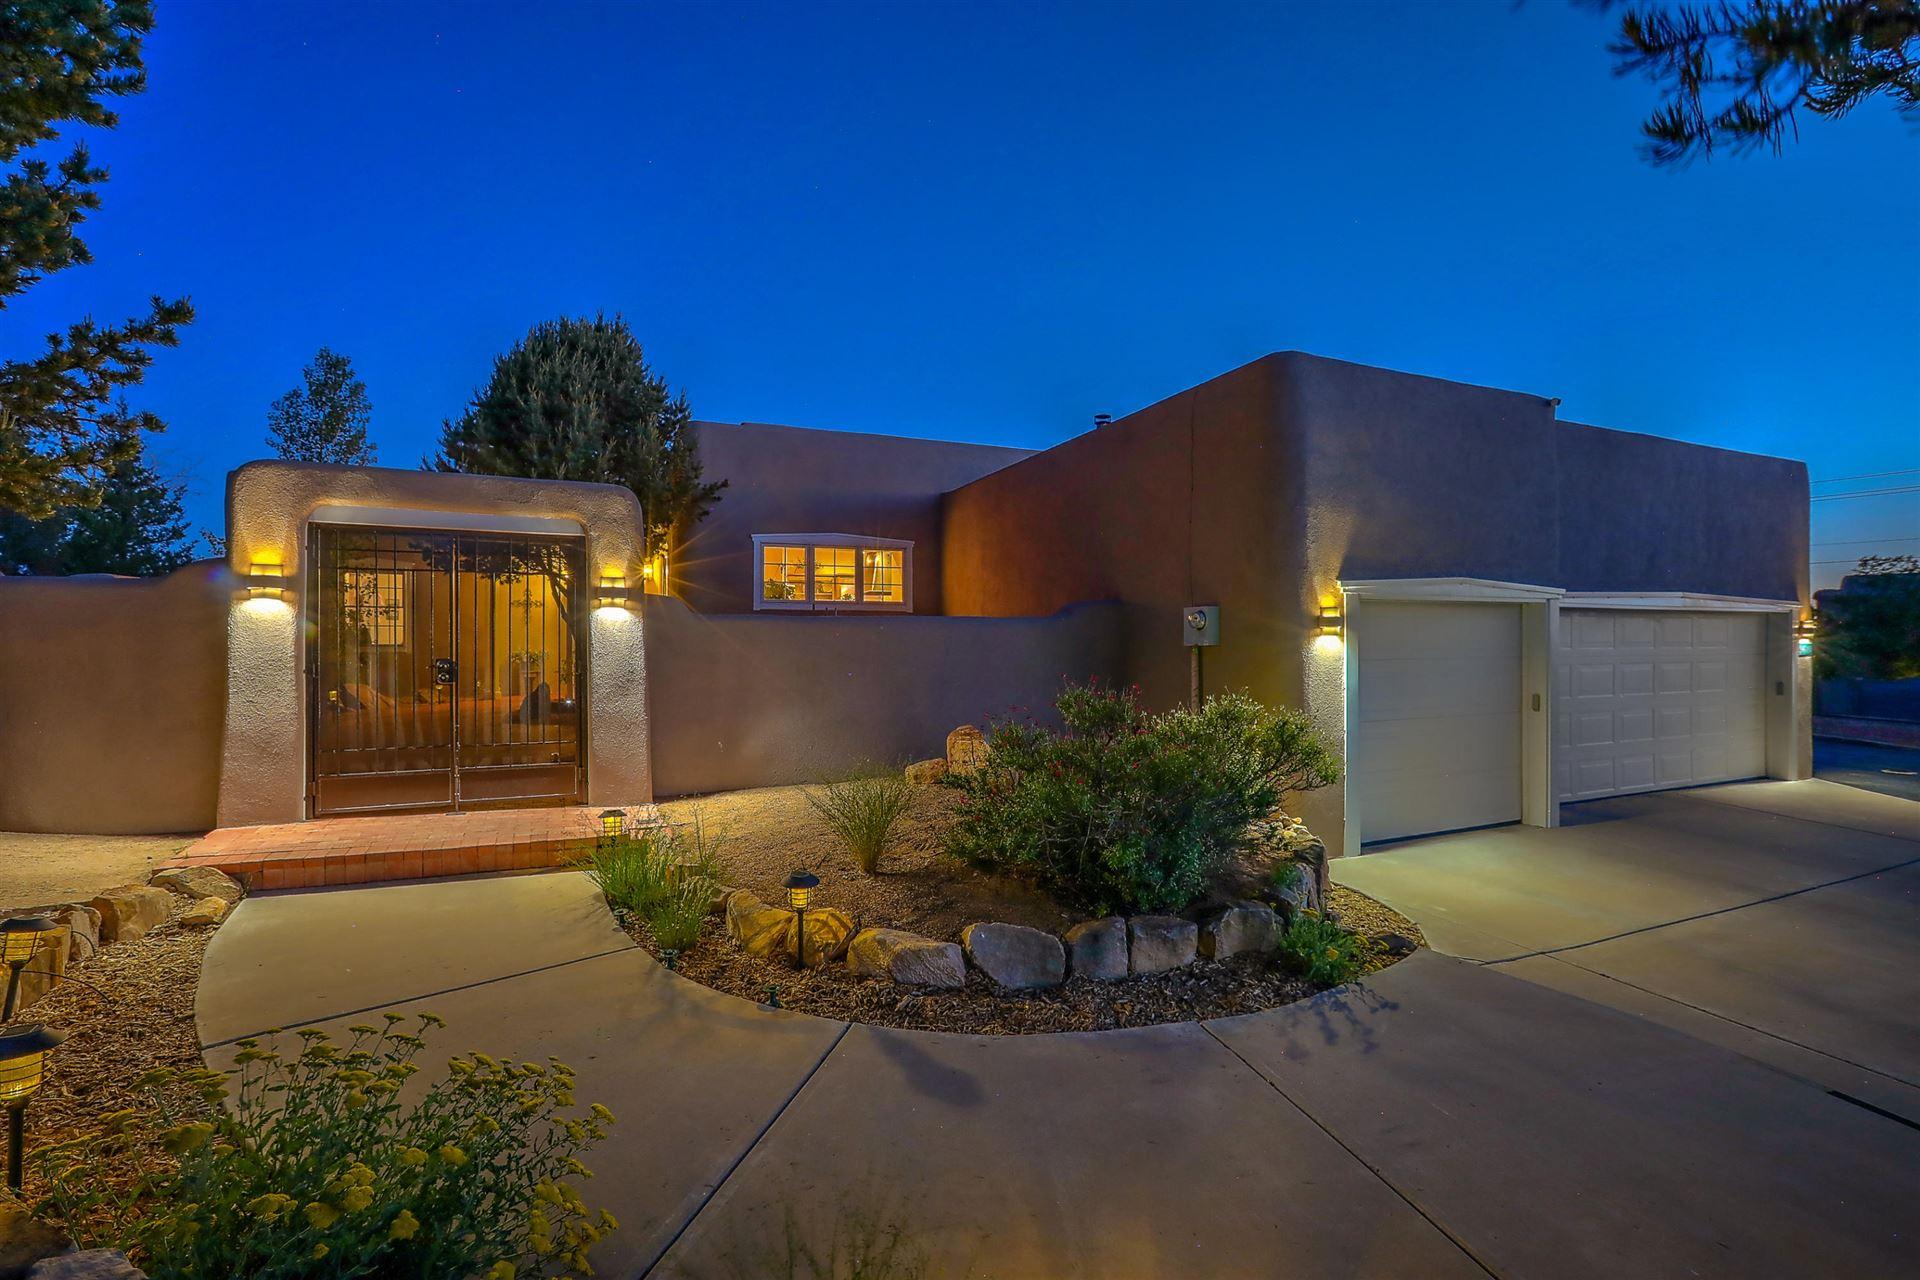 Photo of 9600 WILSHIRE Avenue NE, Albuquerque, NM 87122 (MLS # 968858)